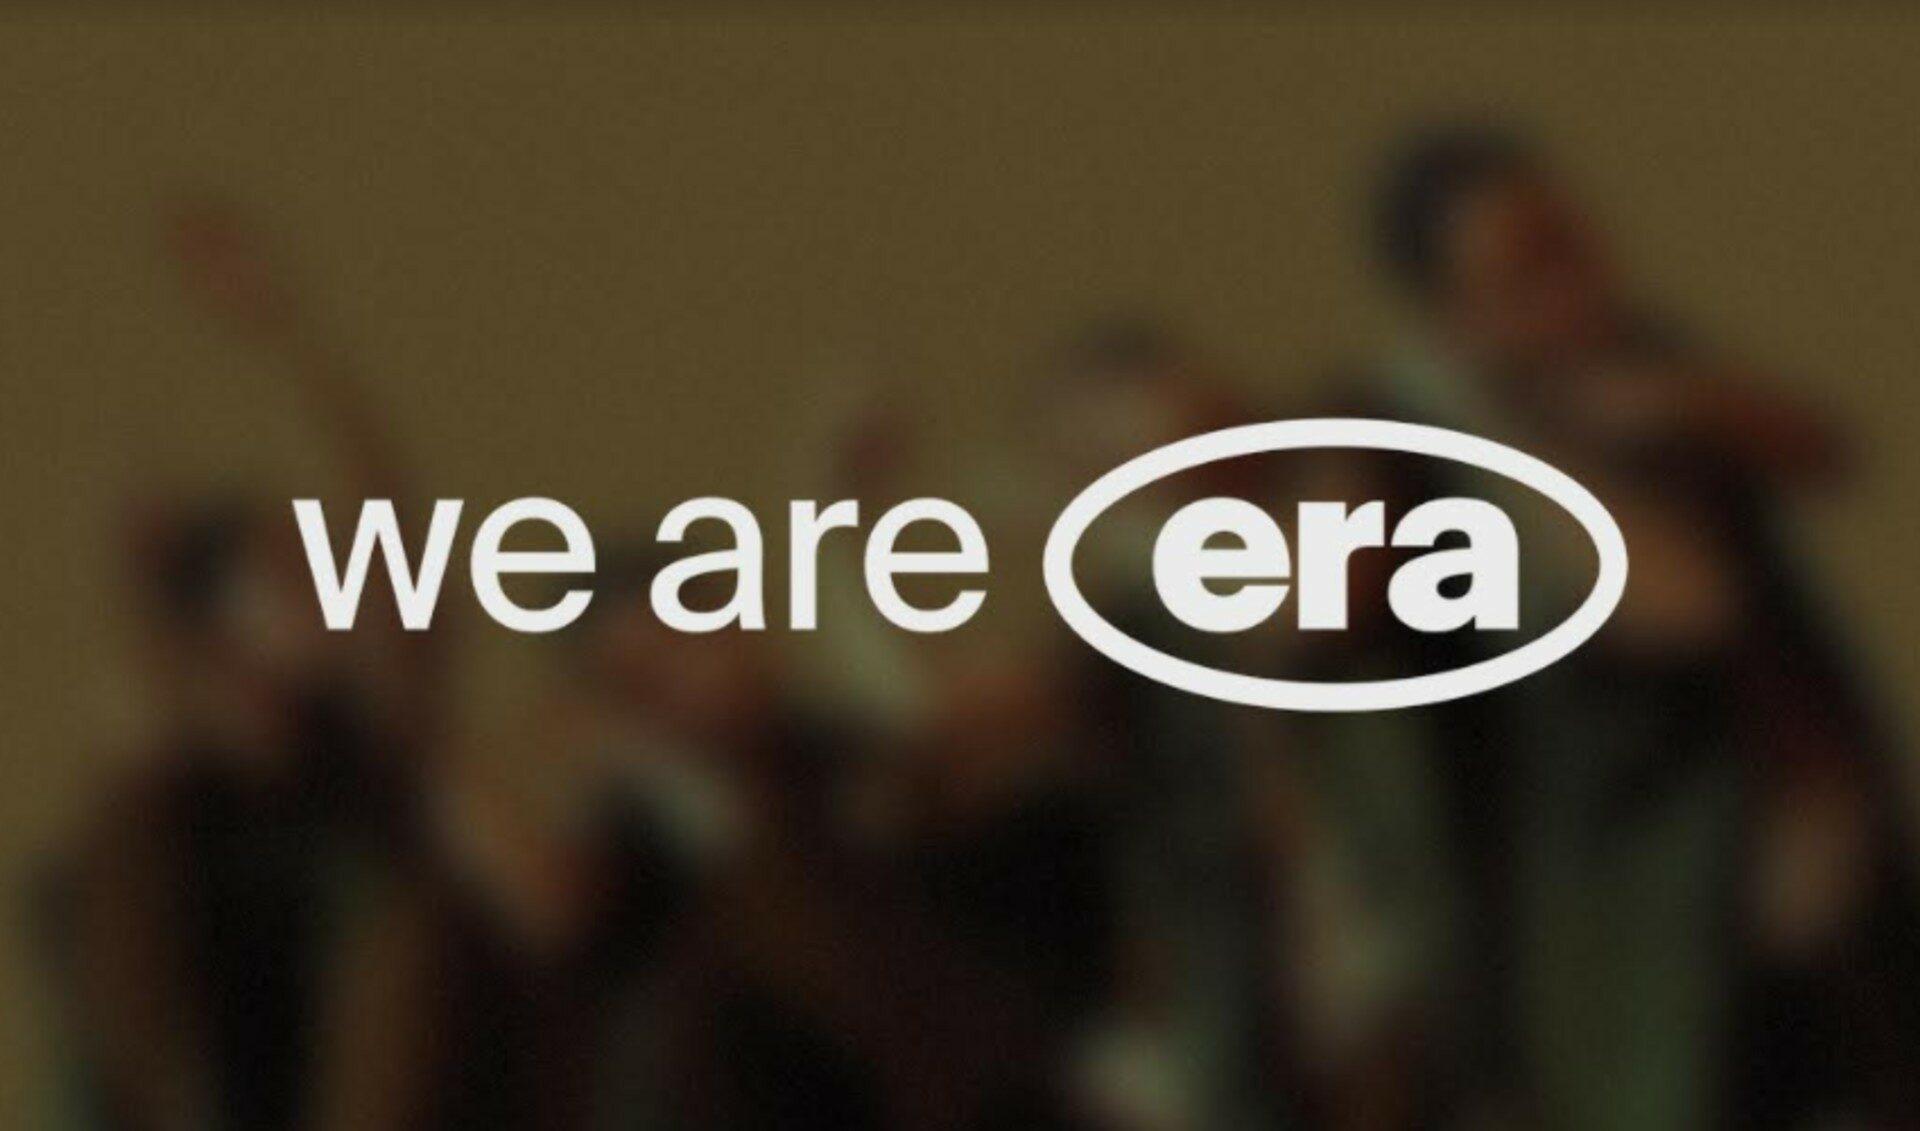 Digital Network Divimove Rebrands As Pan-European Umbrella Organization 'We Are Era'